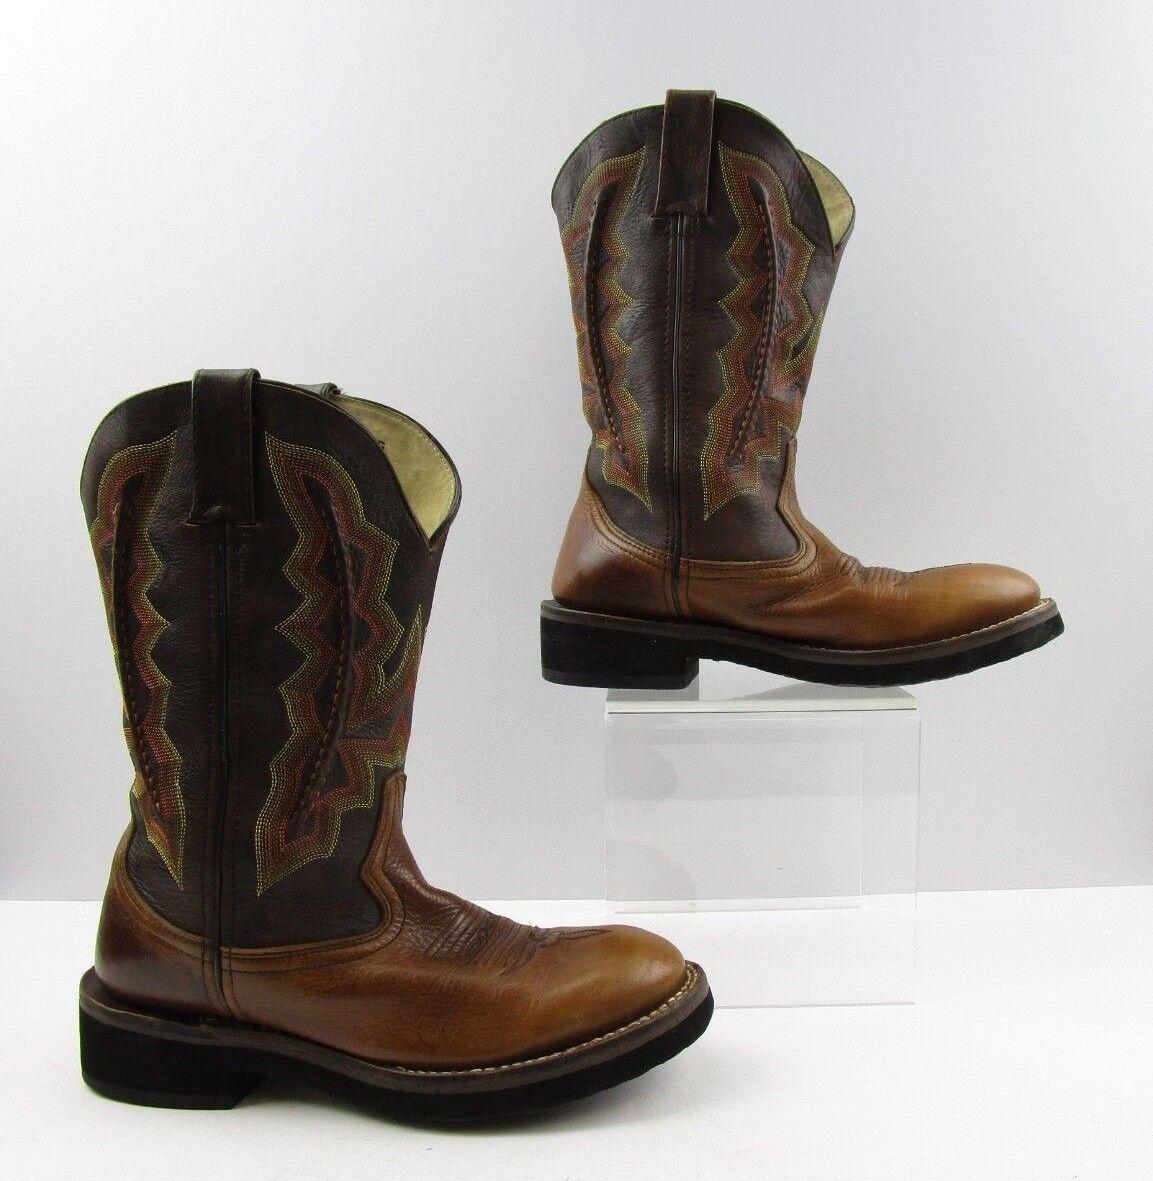 negozio d'offerta Ladies Durango Two Tone Marrone Leather Cowboy Western stivali stivali stivali Dimensione  7.5 M  prezzo più economico